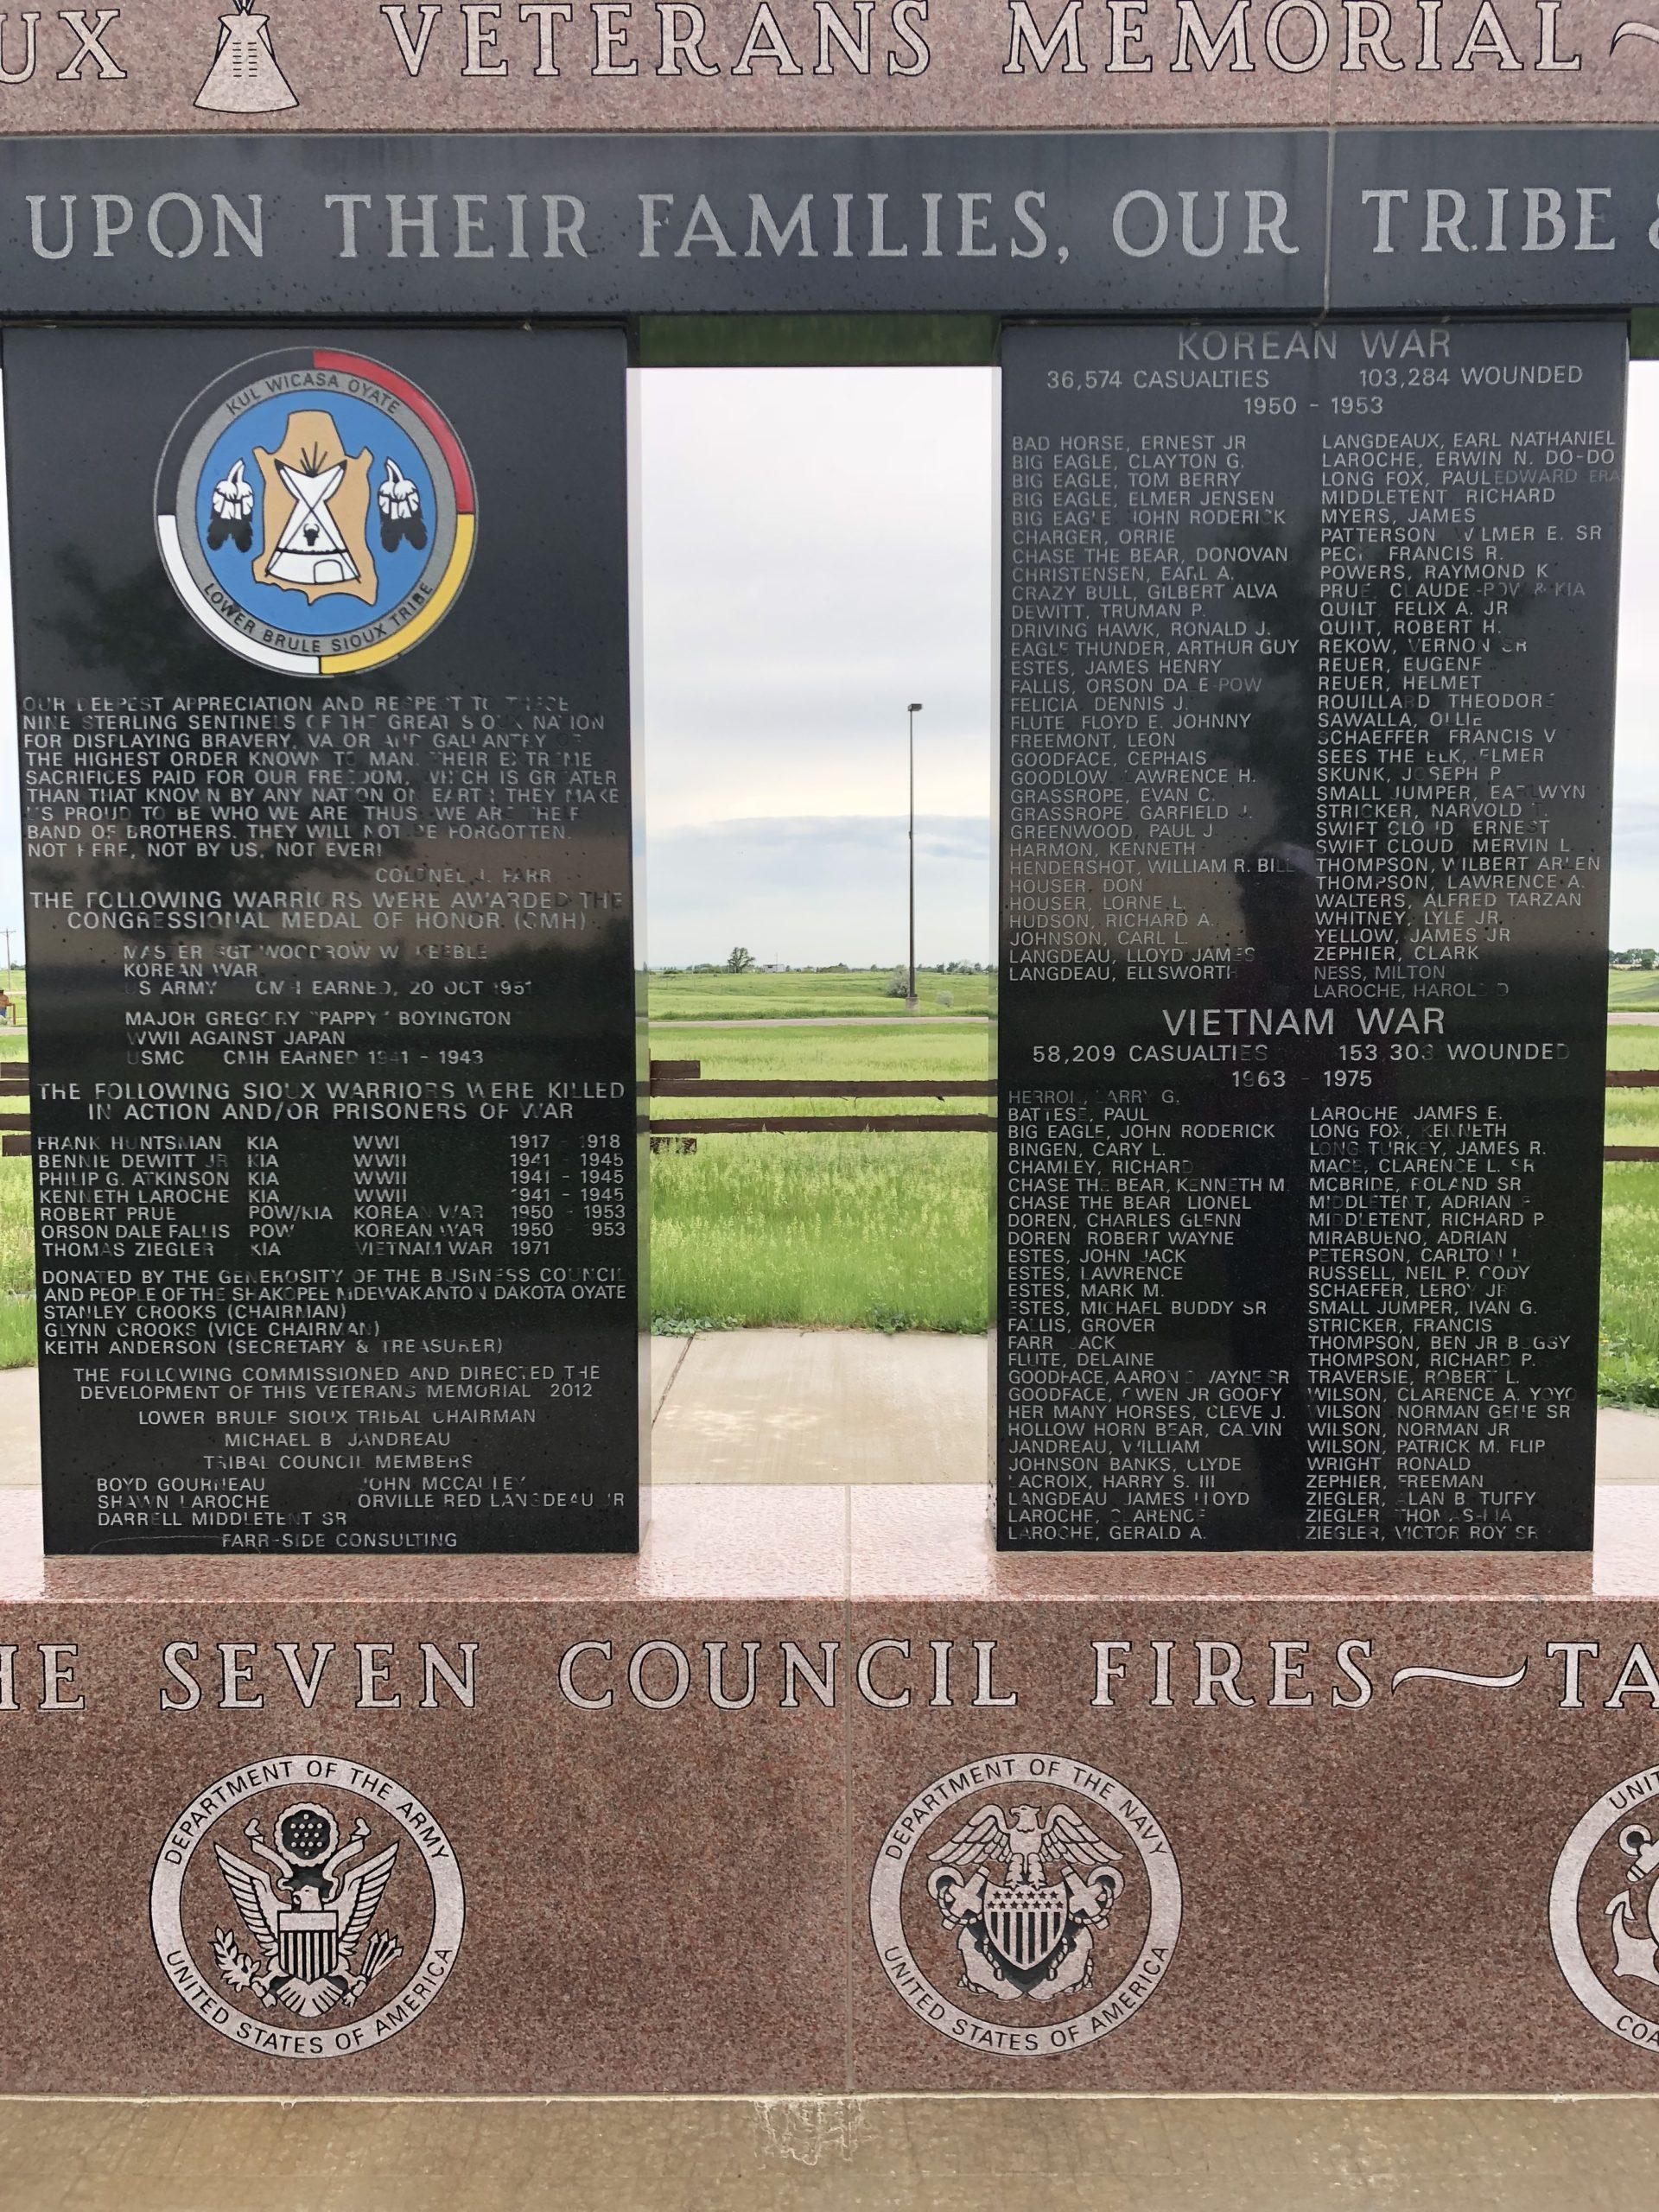 Korean War Memorials - Lower Brule